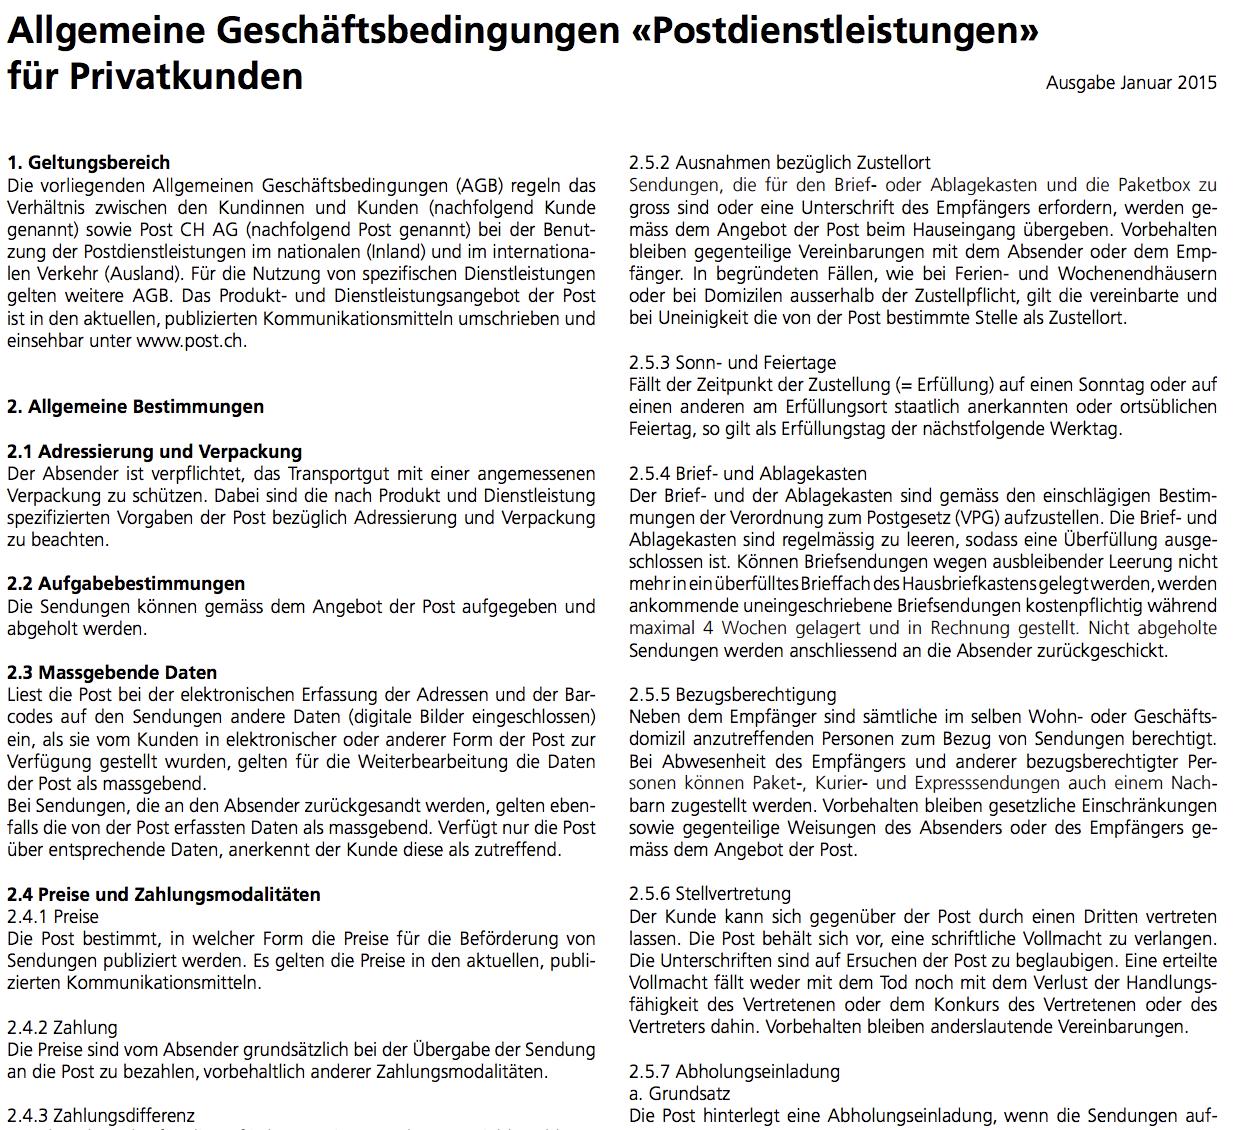 Juristische Rechtschreibung Agb Vs Agbs Steiger Legal